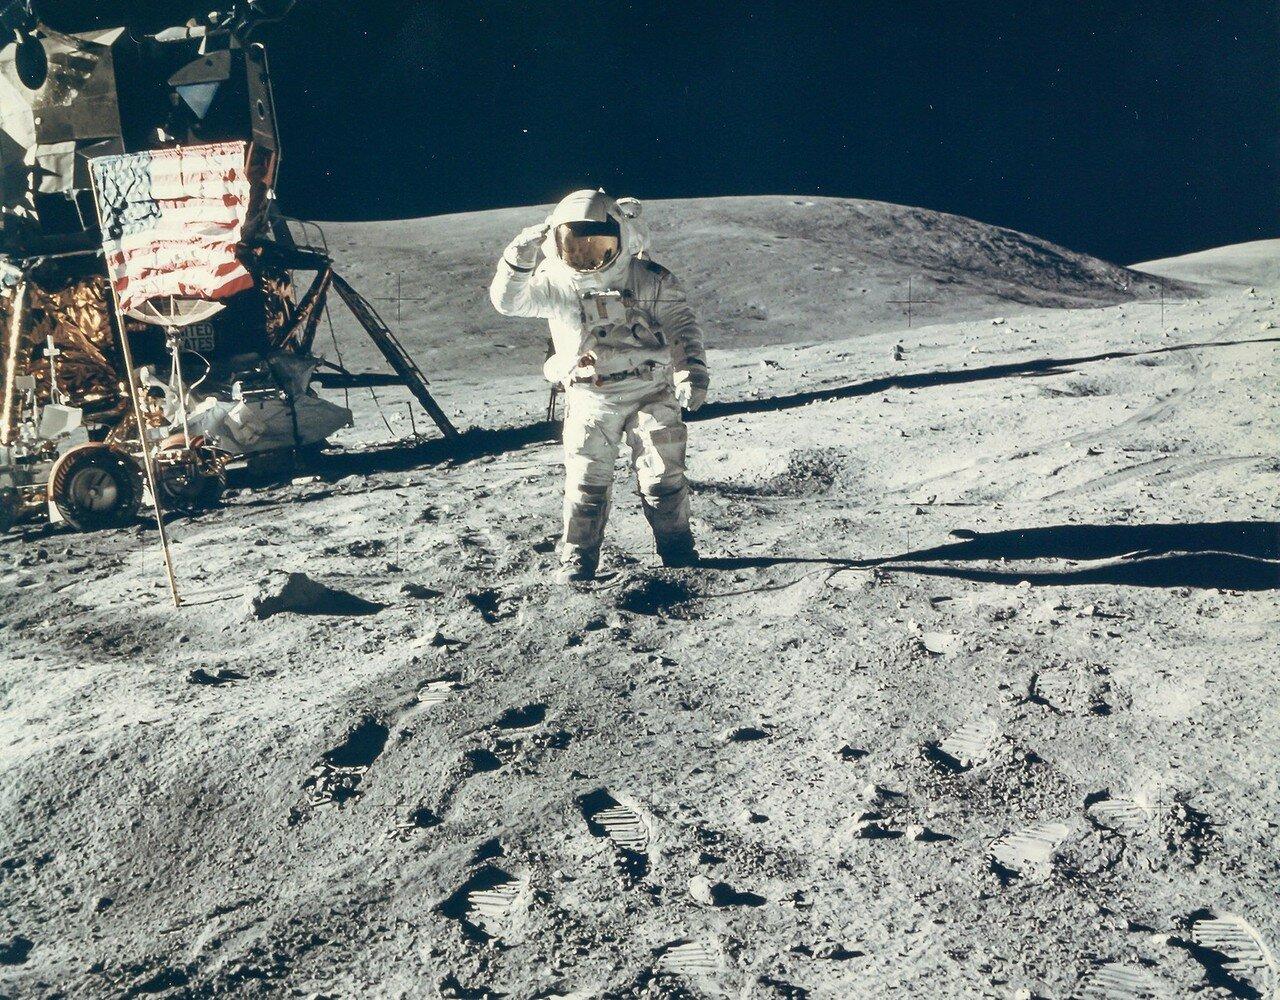 Потом астронавты поменялись местами. «Я бы хотел увидеть воинское приветствие военно-воздушных сил, Чарли, но я не думаю, что там это делают», — сказал Янг. Дьюк ответил: «Да, сэр, мы делаем». И, в свою очередь, отсалютовал флагу, но стоя на месте. На снимке: Чарльз Дьюк приветствует американский флаг